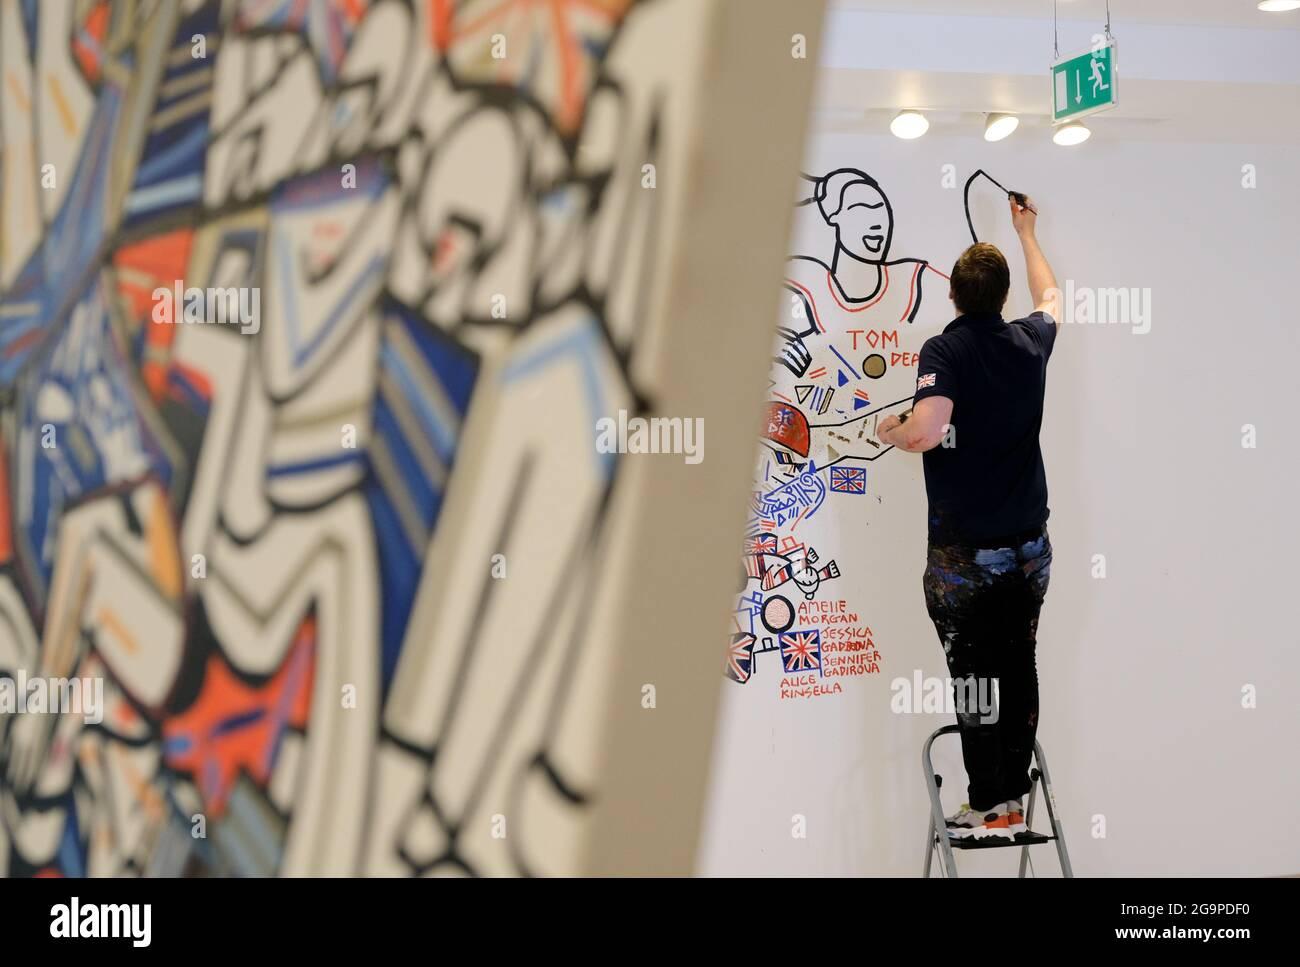 Carnaby Street, Londres, Royaume-Uni. 27 juillet 2021. Ben Mosley un artiste officiel de Team GB peint une fresque murale de Team GB dans un espace boutique de Carnaby Street à Londres. Crédit : Matthew Chattle/Alay Live News Banque D'Images